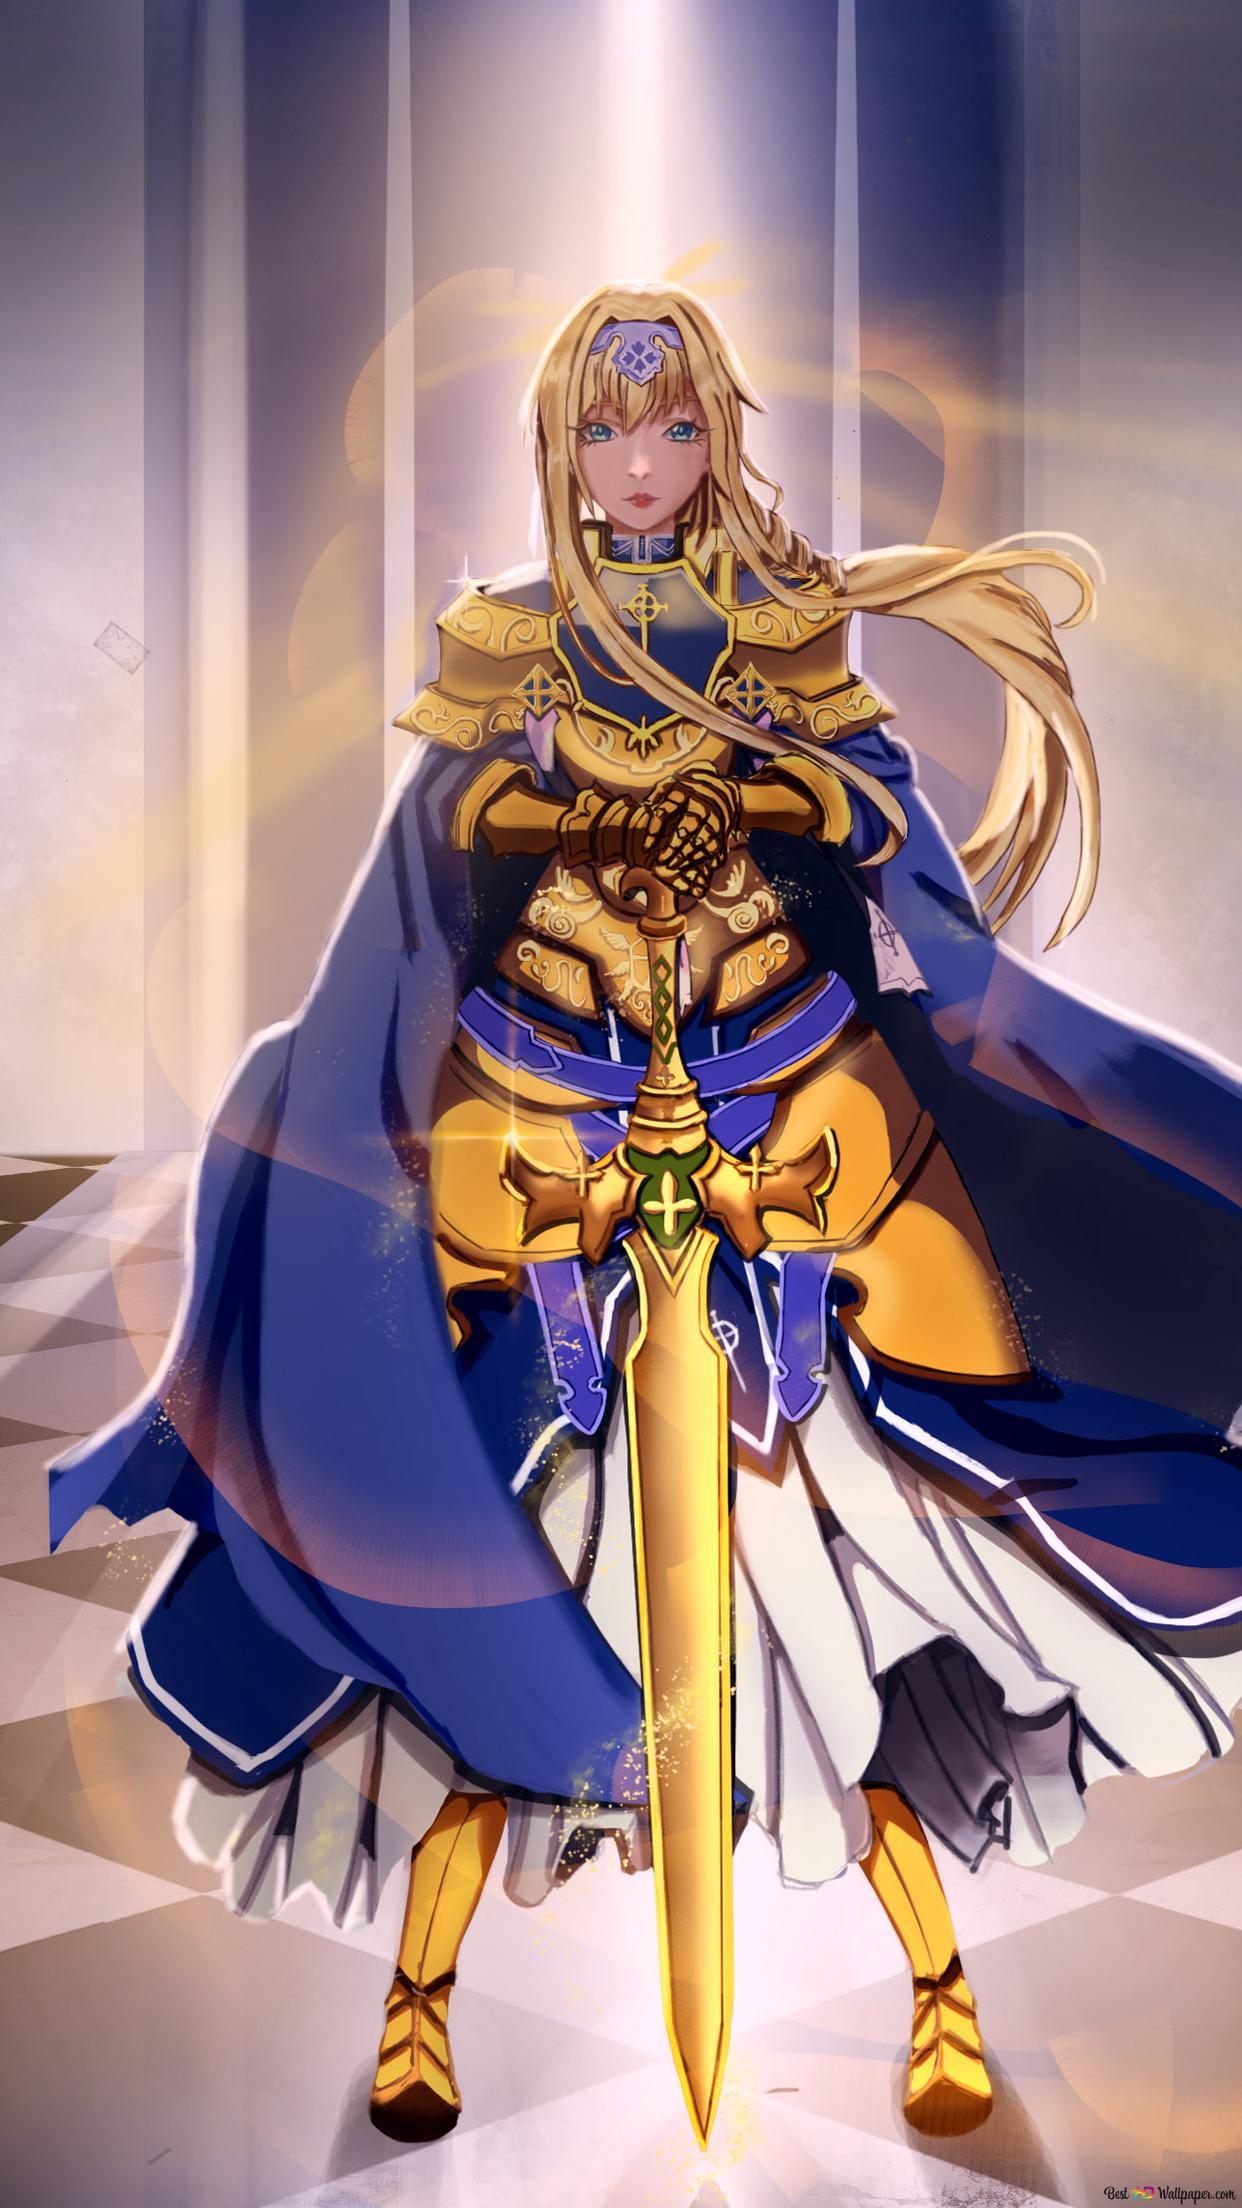 ソードアート オンラインalicization アリスzuberg 黄金の騎士